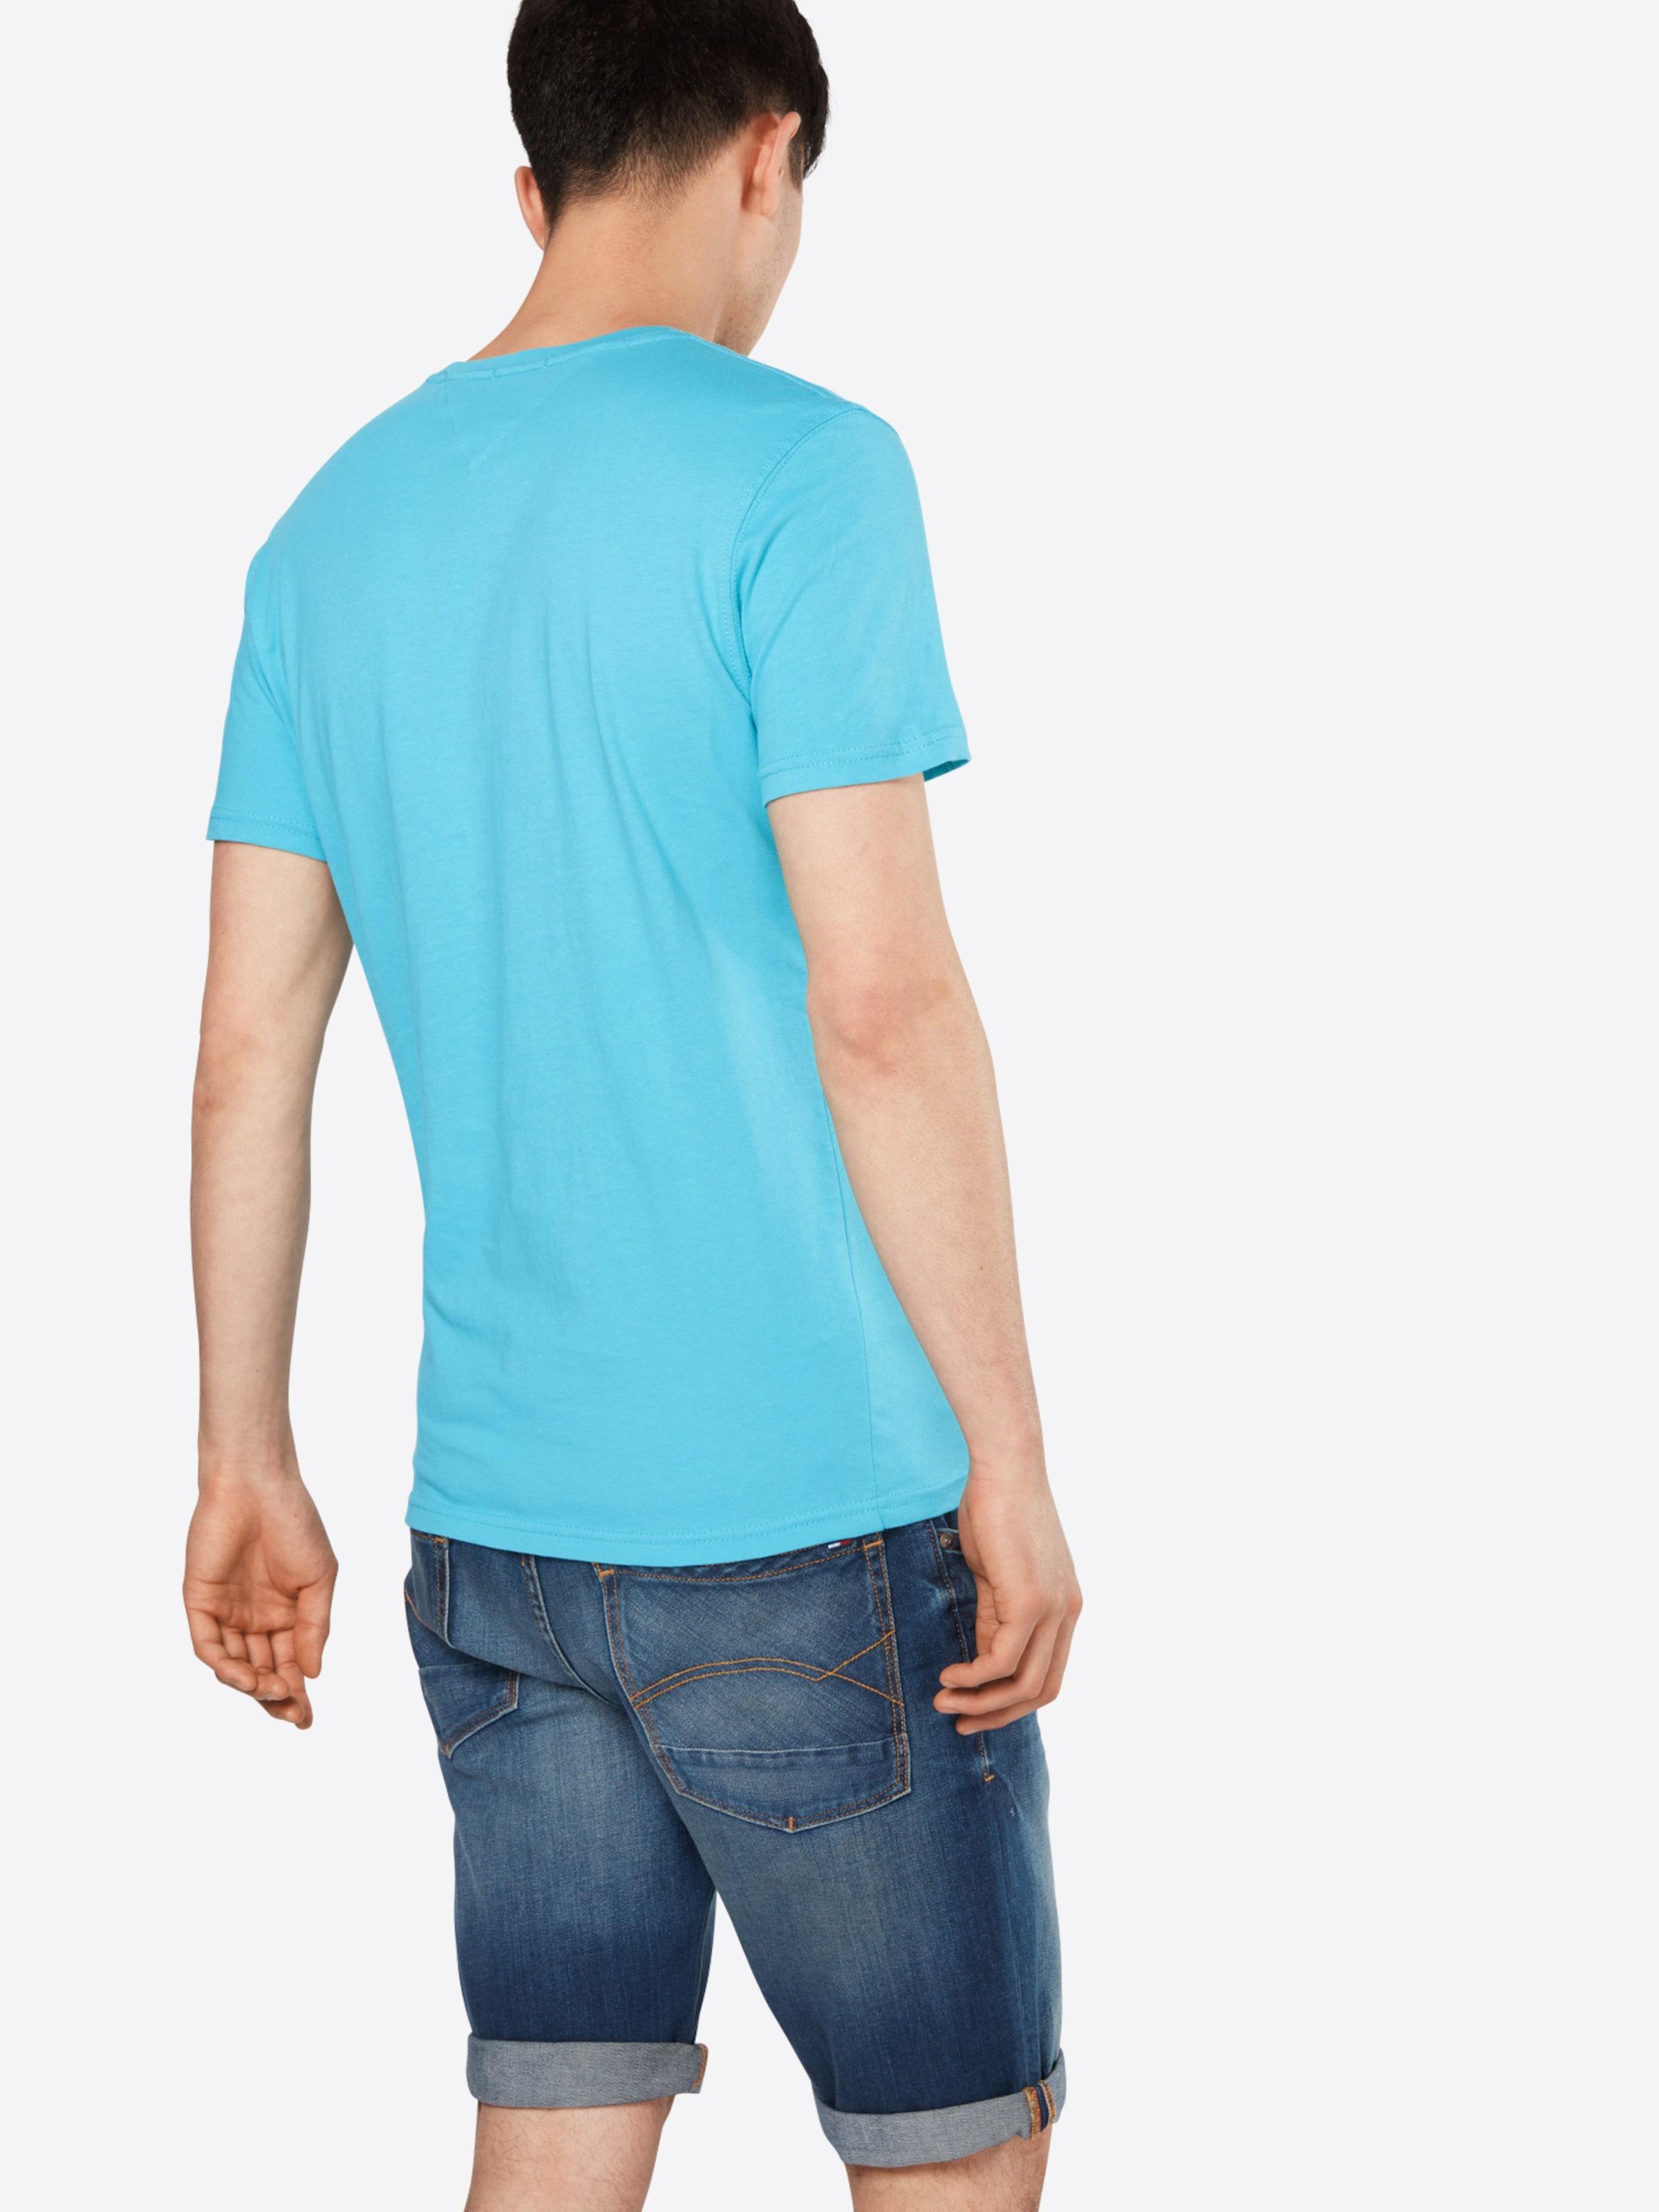 Tommy Jeans Logo-Shirt mit Print Billig 100% Original Aus Deutschland Niedrig Versandkosten Spielraum Spielraum zyc68wrzP